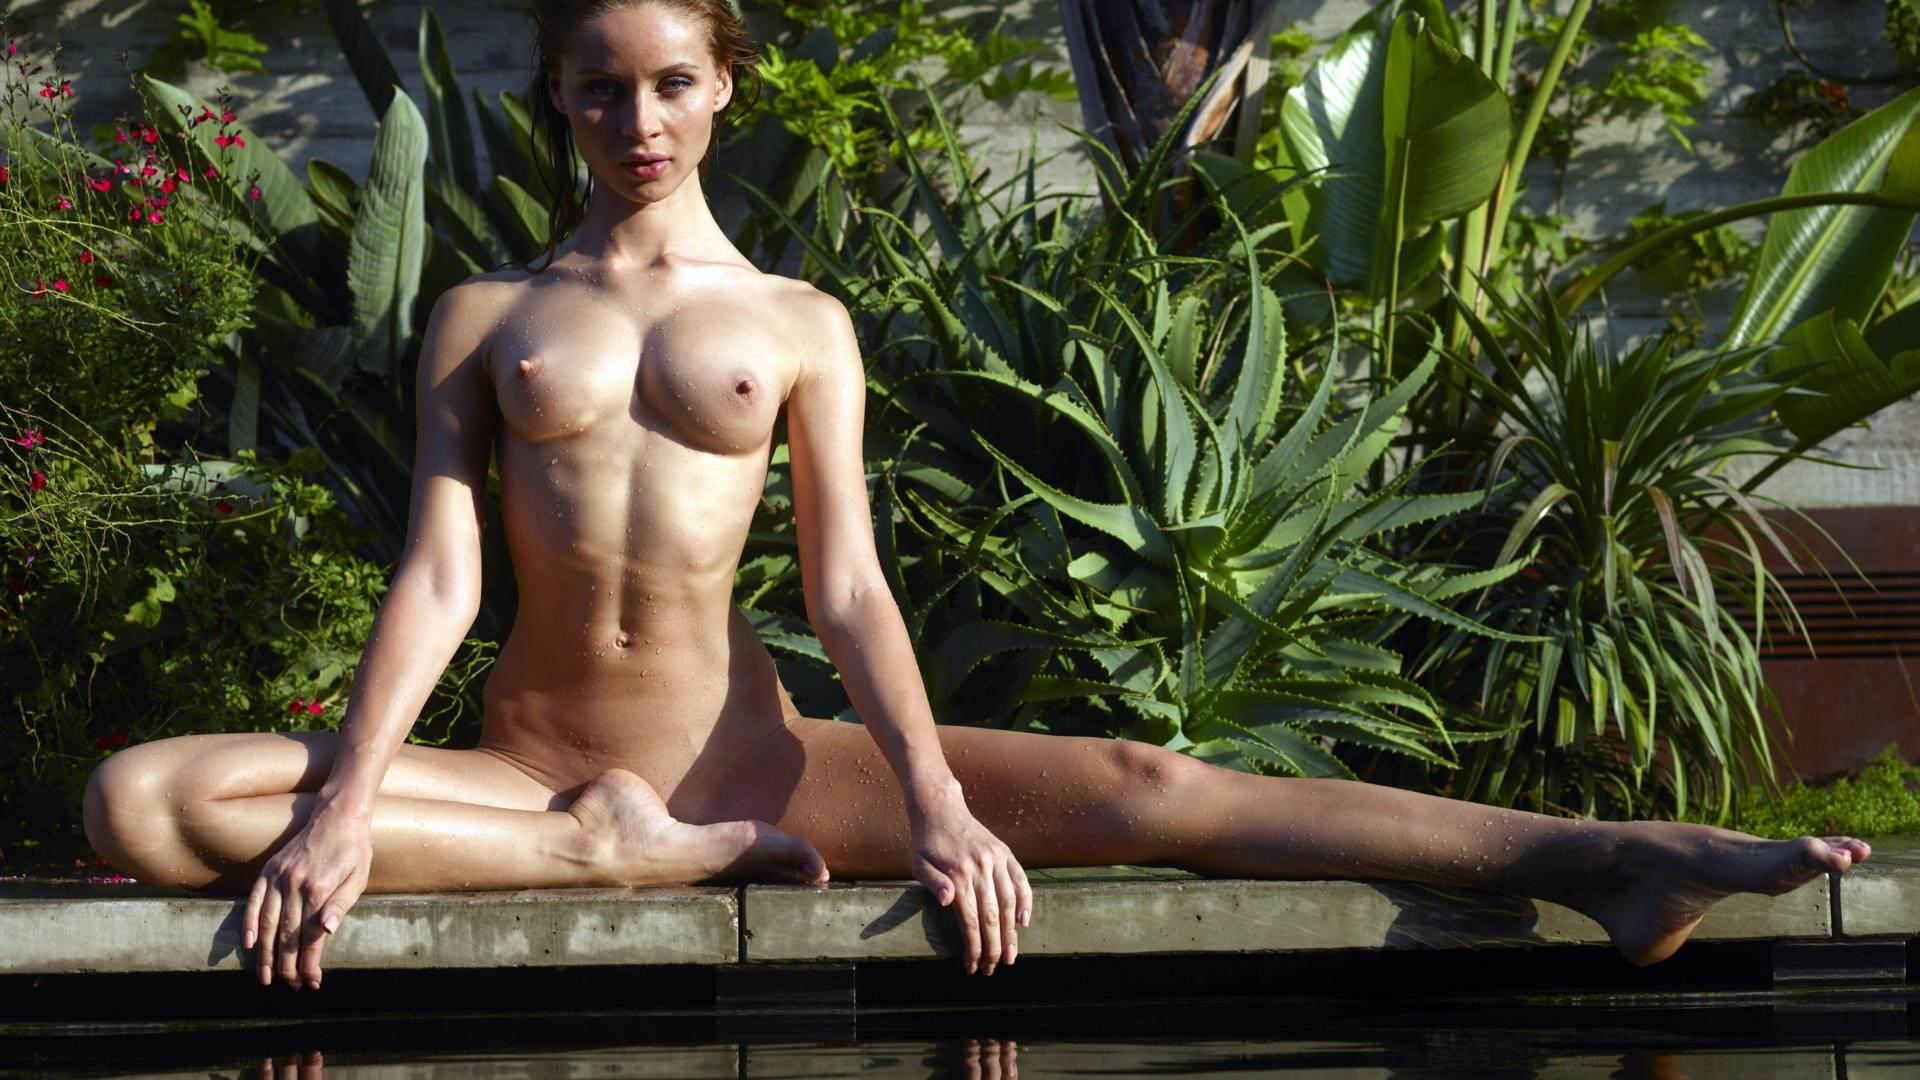 Фото Голая девушка медитирует в зеленом саду, шикарное тело, вытянула ножку, упругая грудь, скачать картинку бесплатно